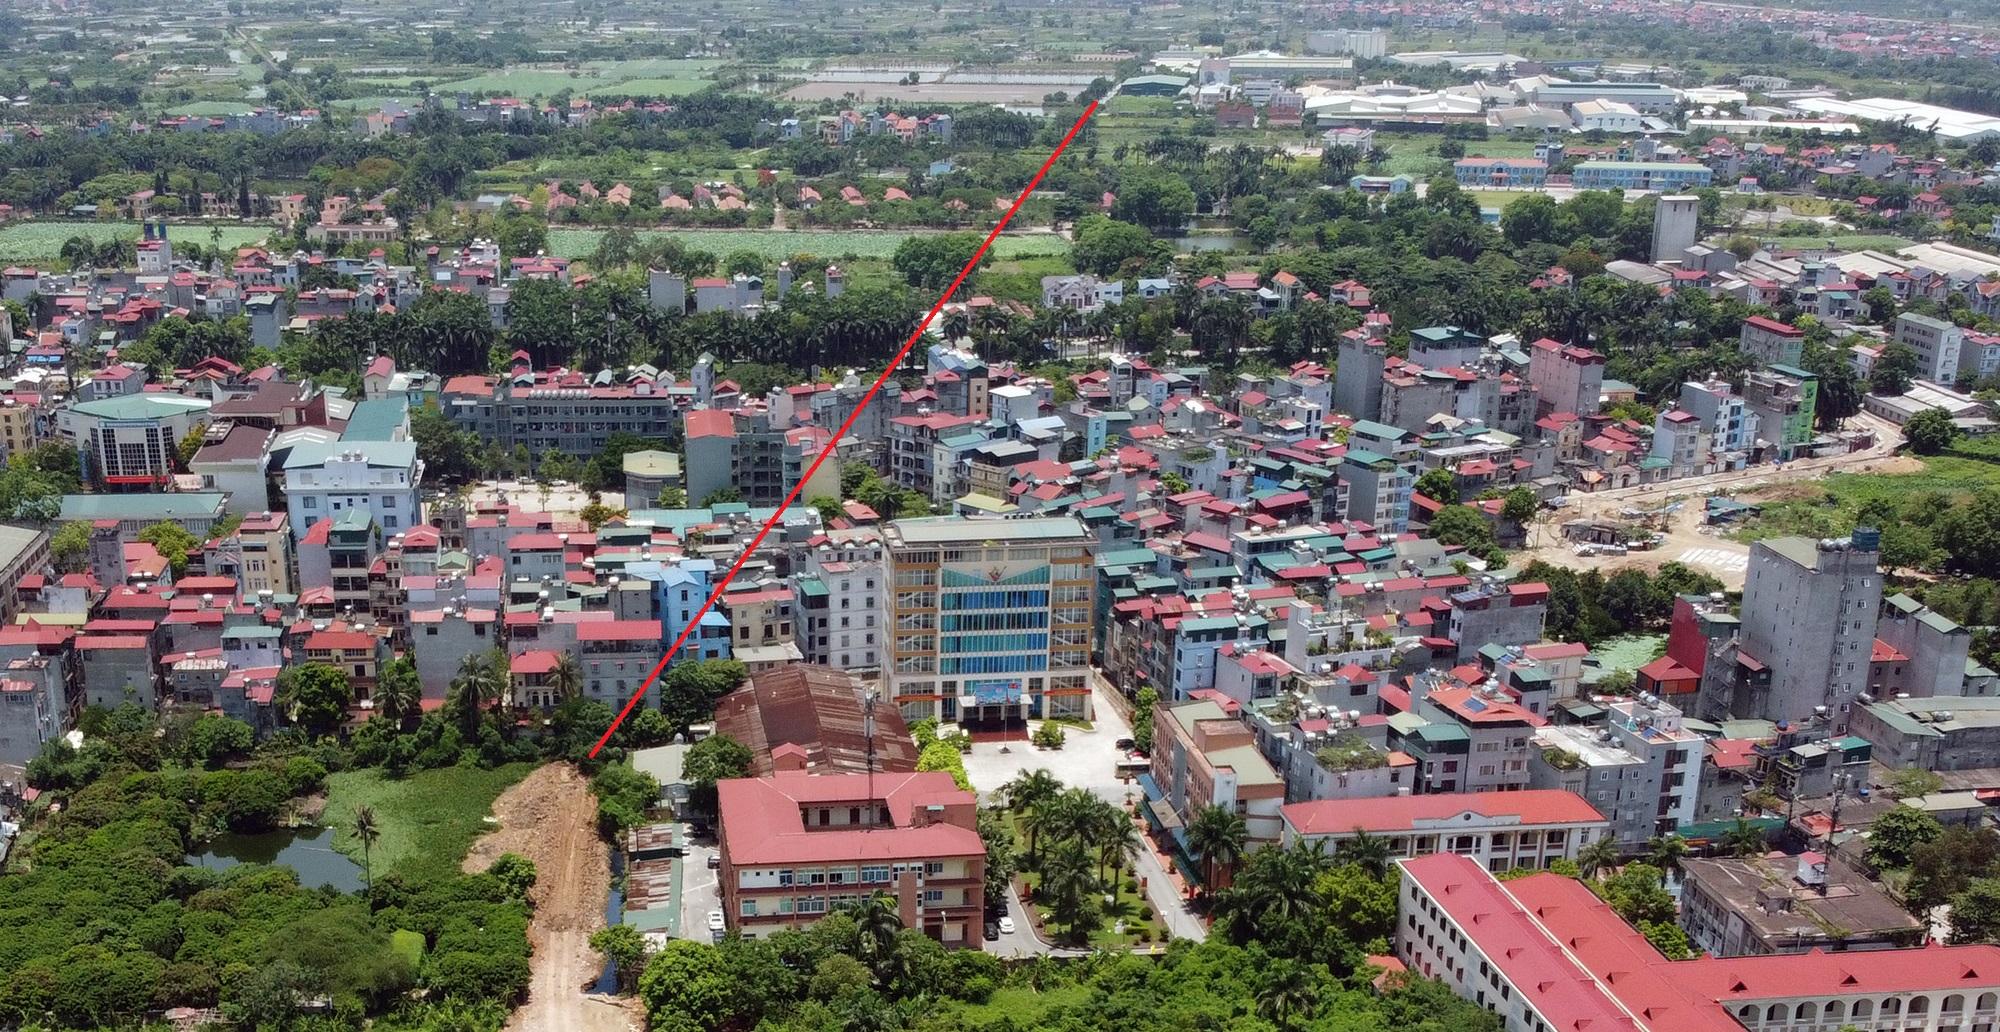 3 đường sẽ mở theo qui hoạch ở phường Thụy Phương, Bắc Từ Liêm - Ảnh 13.